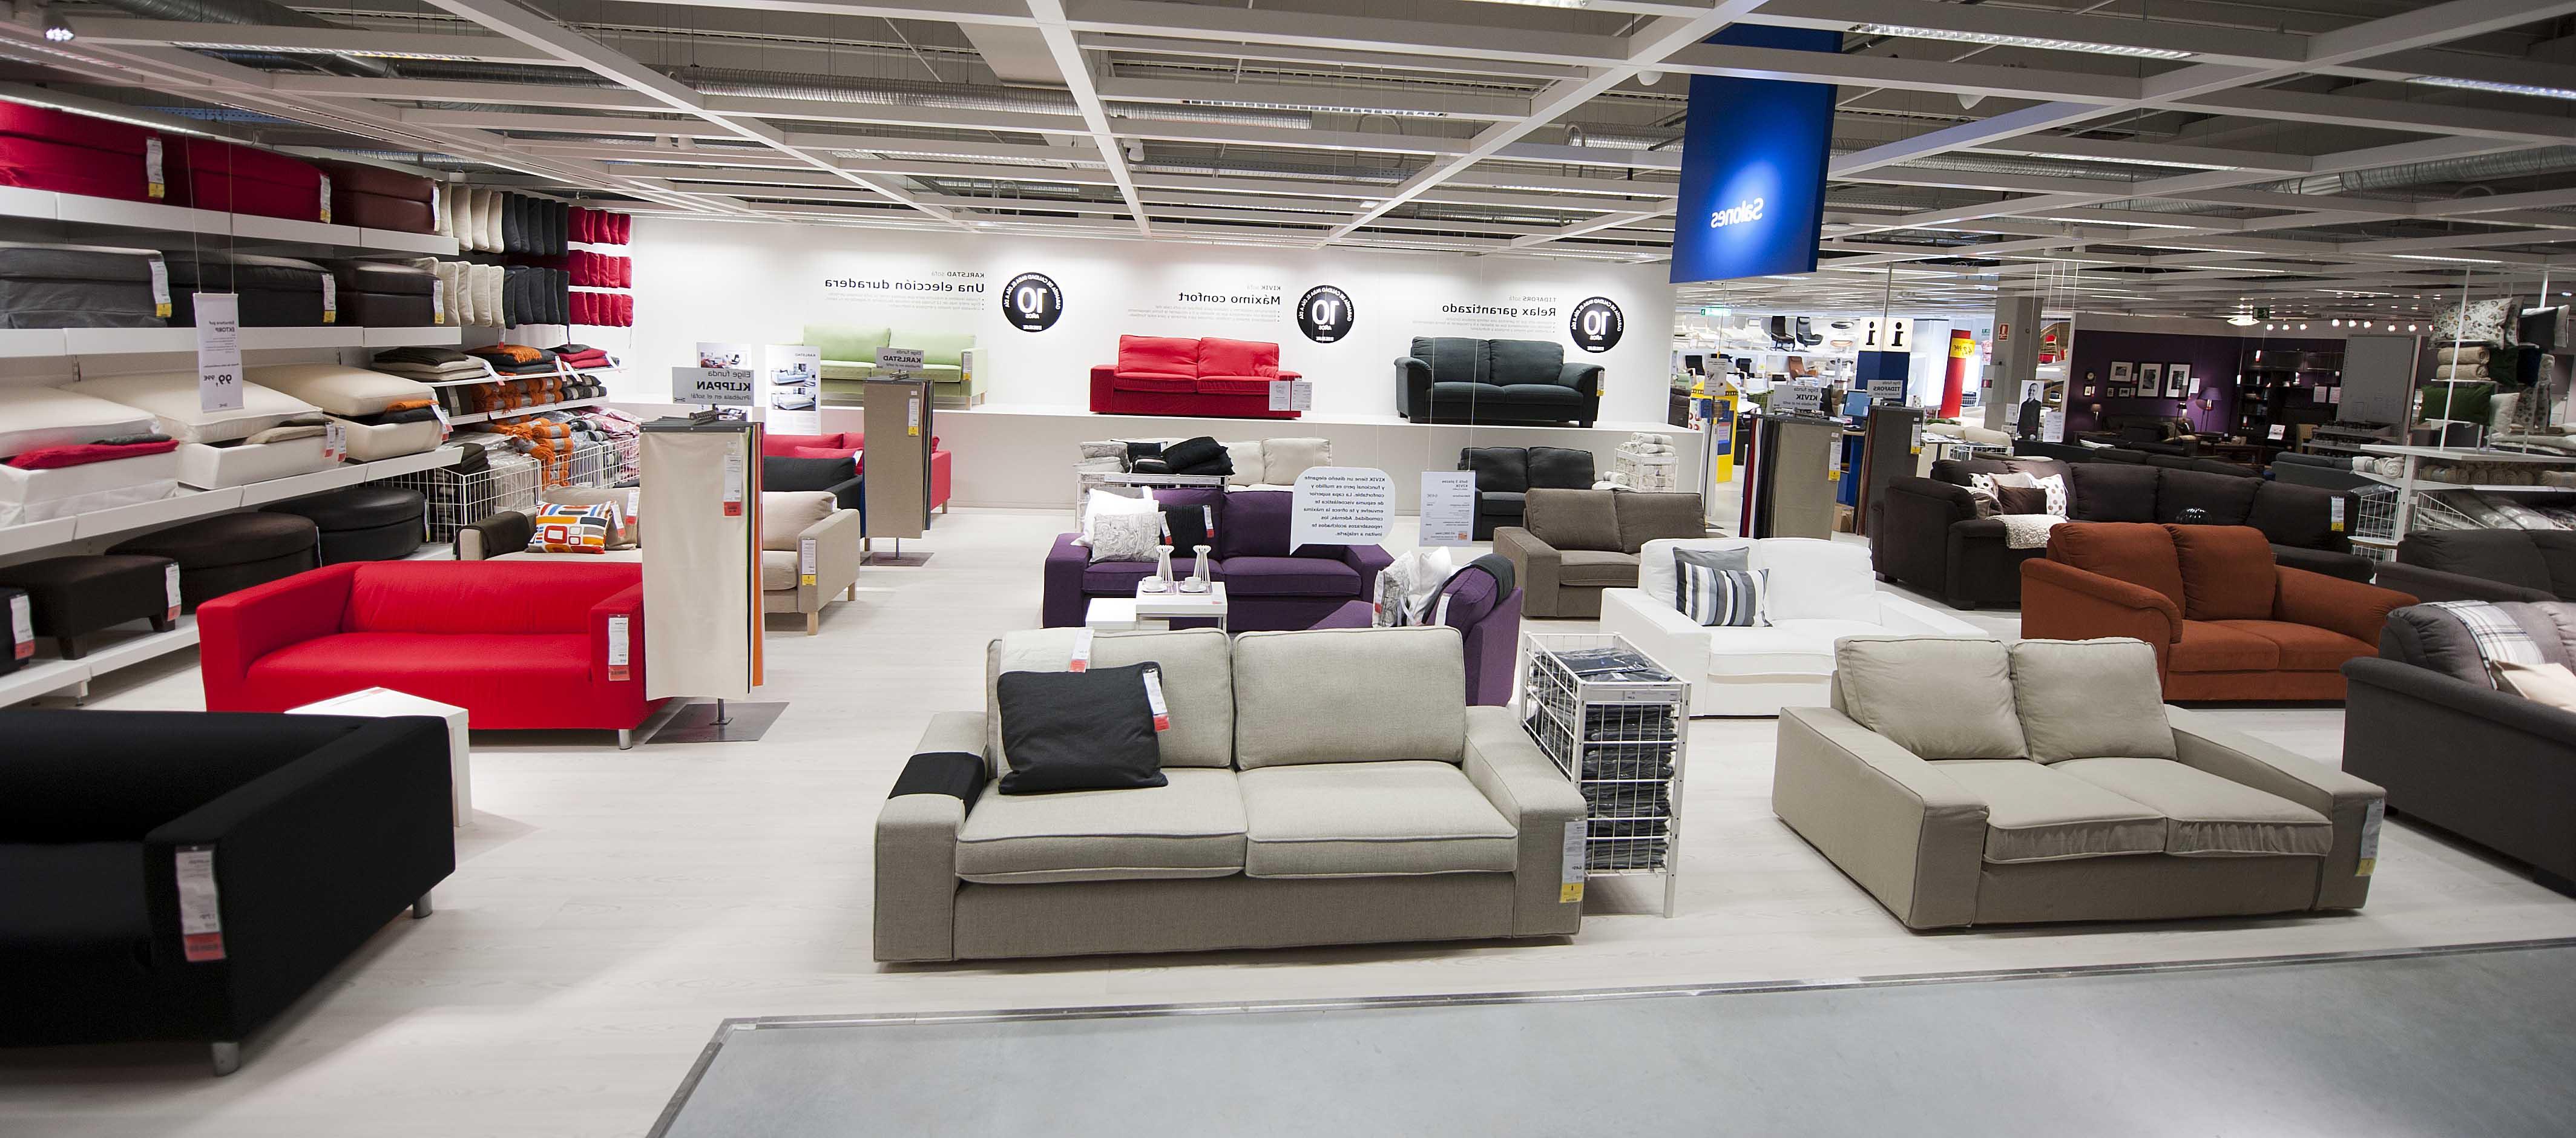 Wallapop Zaragoza Muebles Tldn Ikea Redecora Su Negocio Se Abre A La Venta De Segunda Mano Para